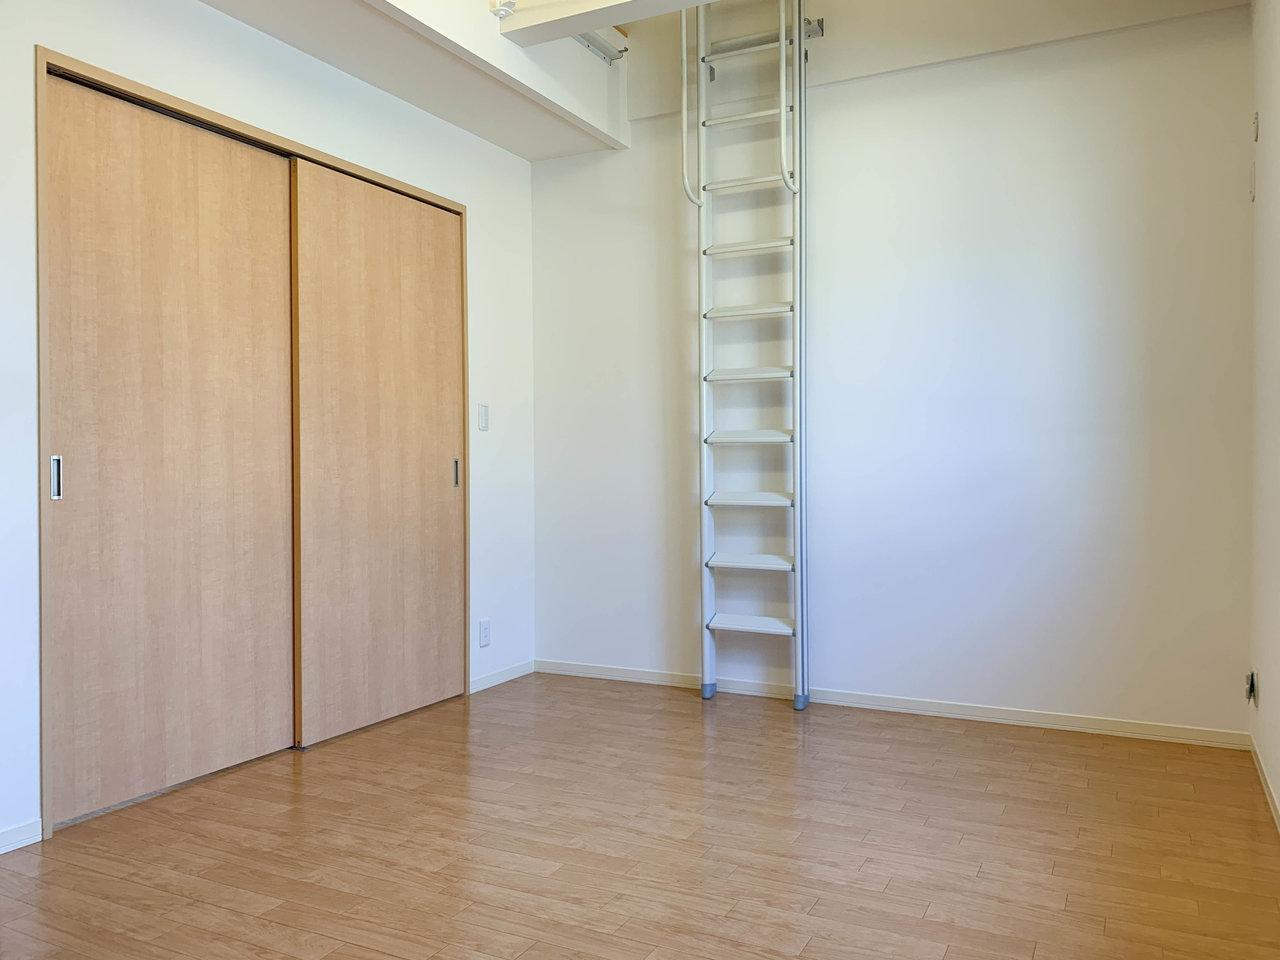 奥の洋室にはロフトが。そのため天井もかなり高い造りになっていて開放感があります。ここにはウォークインクローゼットもあるので、ふたり暮らしでも安心です。